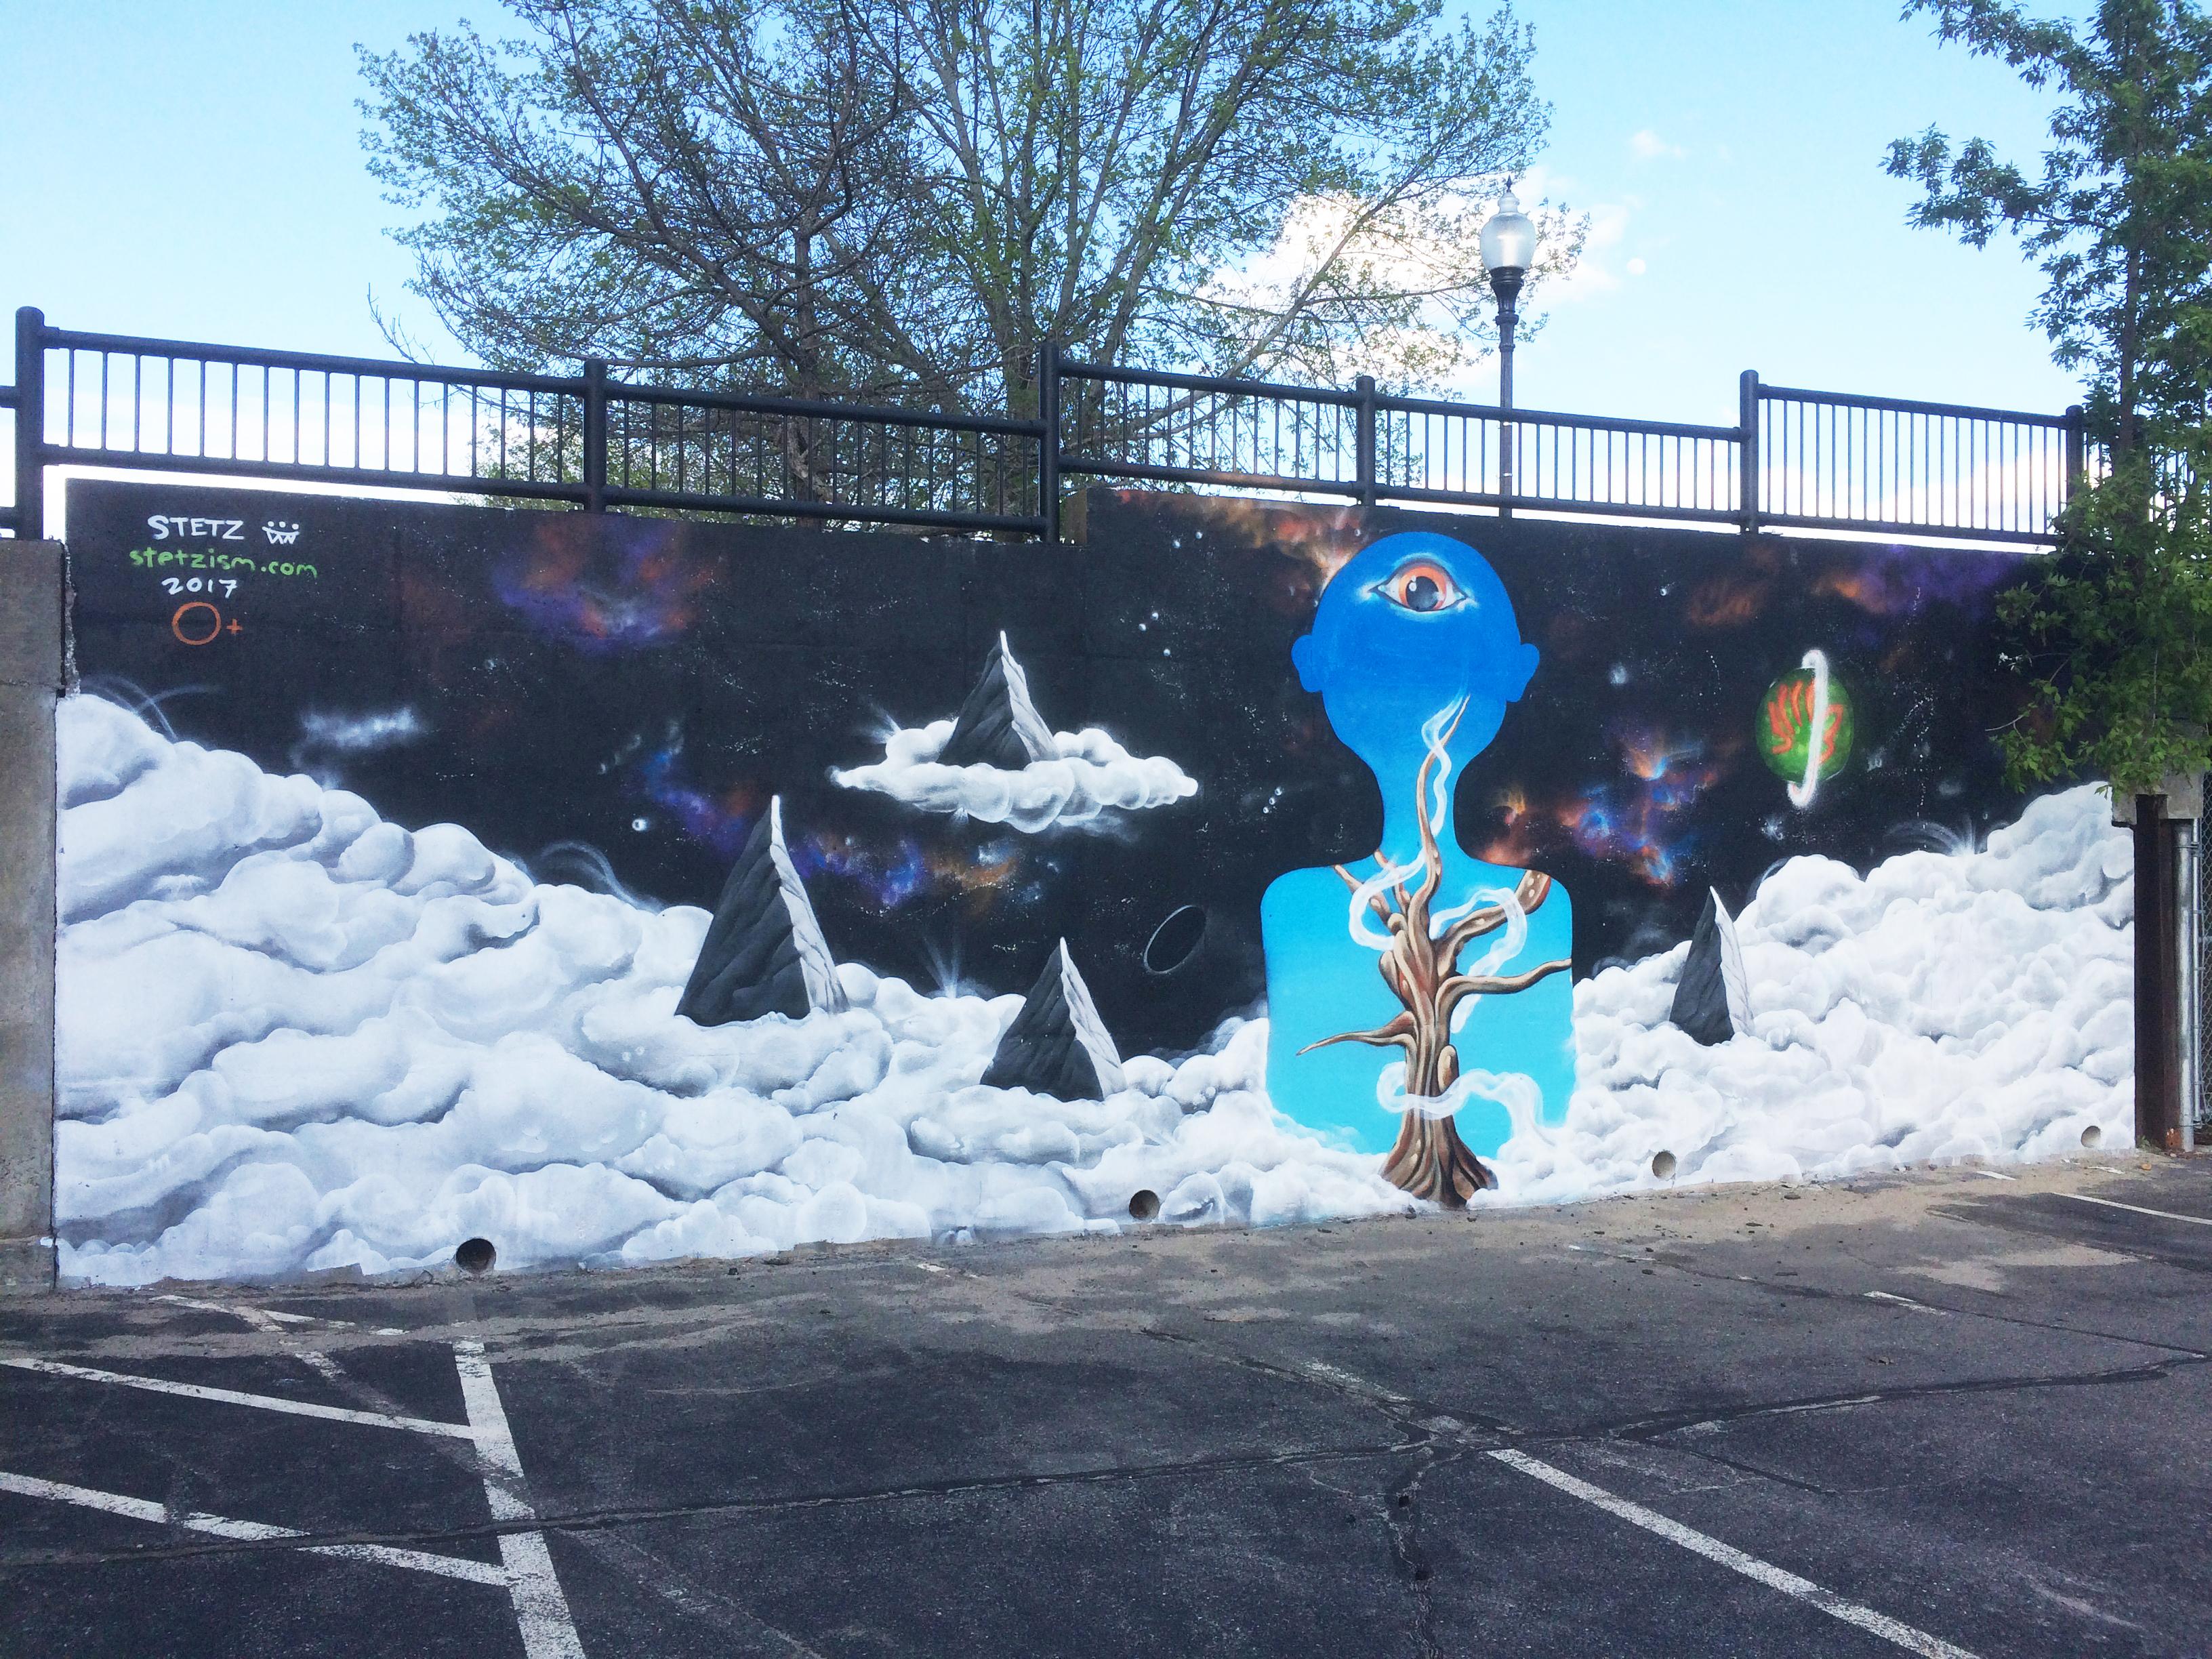 mural in haverhill, Massachusetts